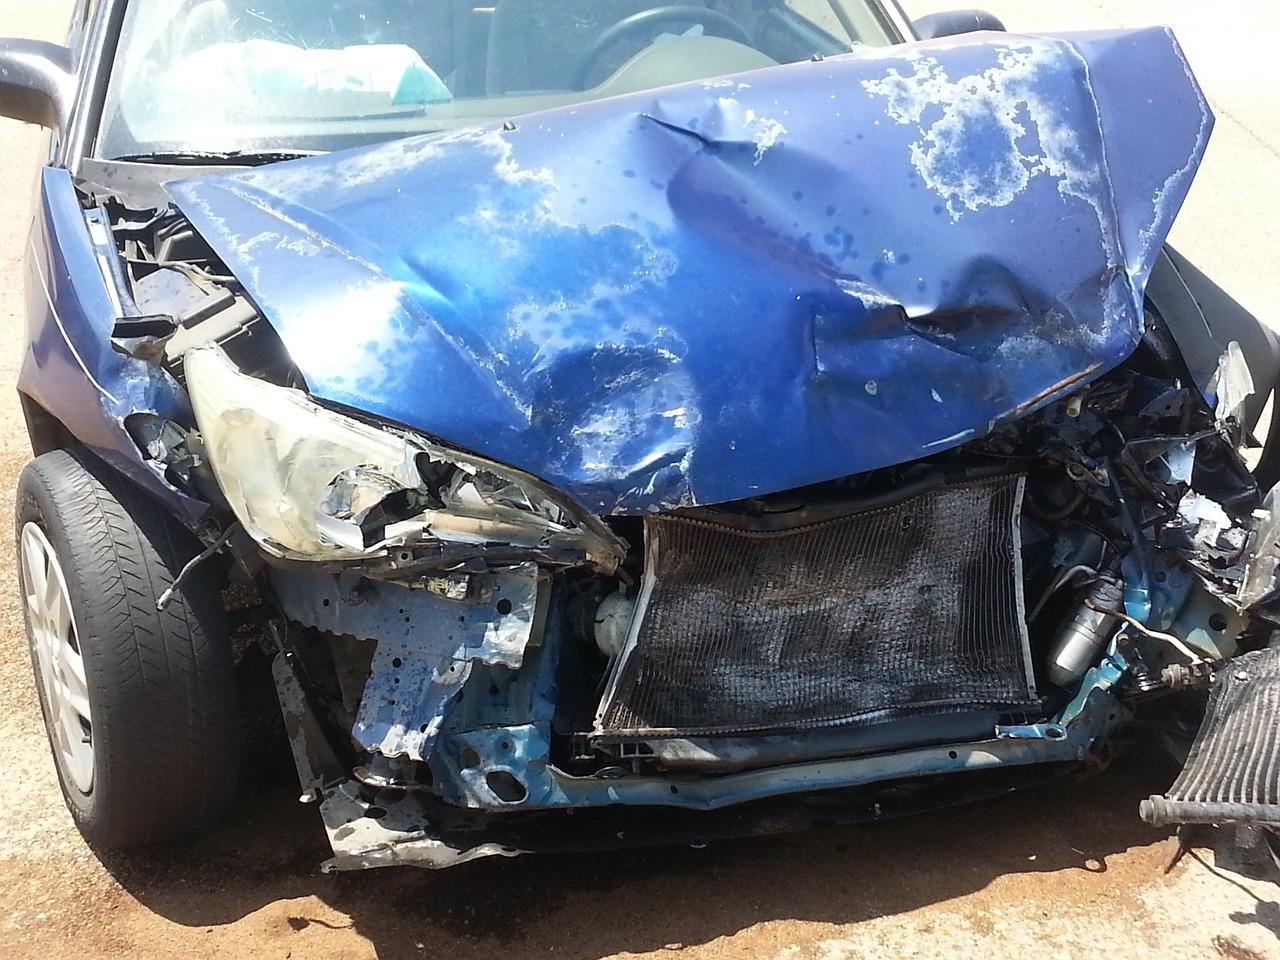 Automobile crash vehicle car accident accident 641456